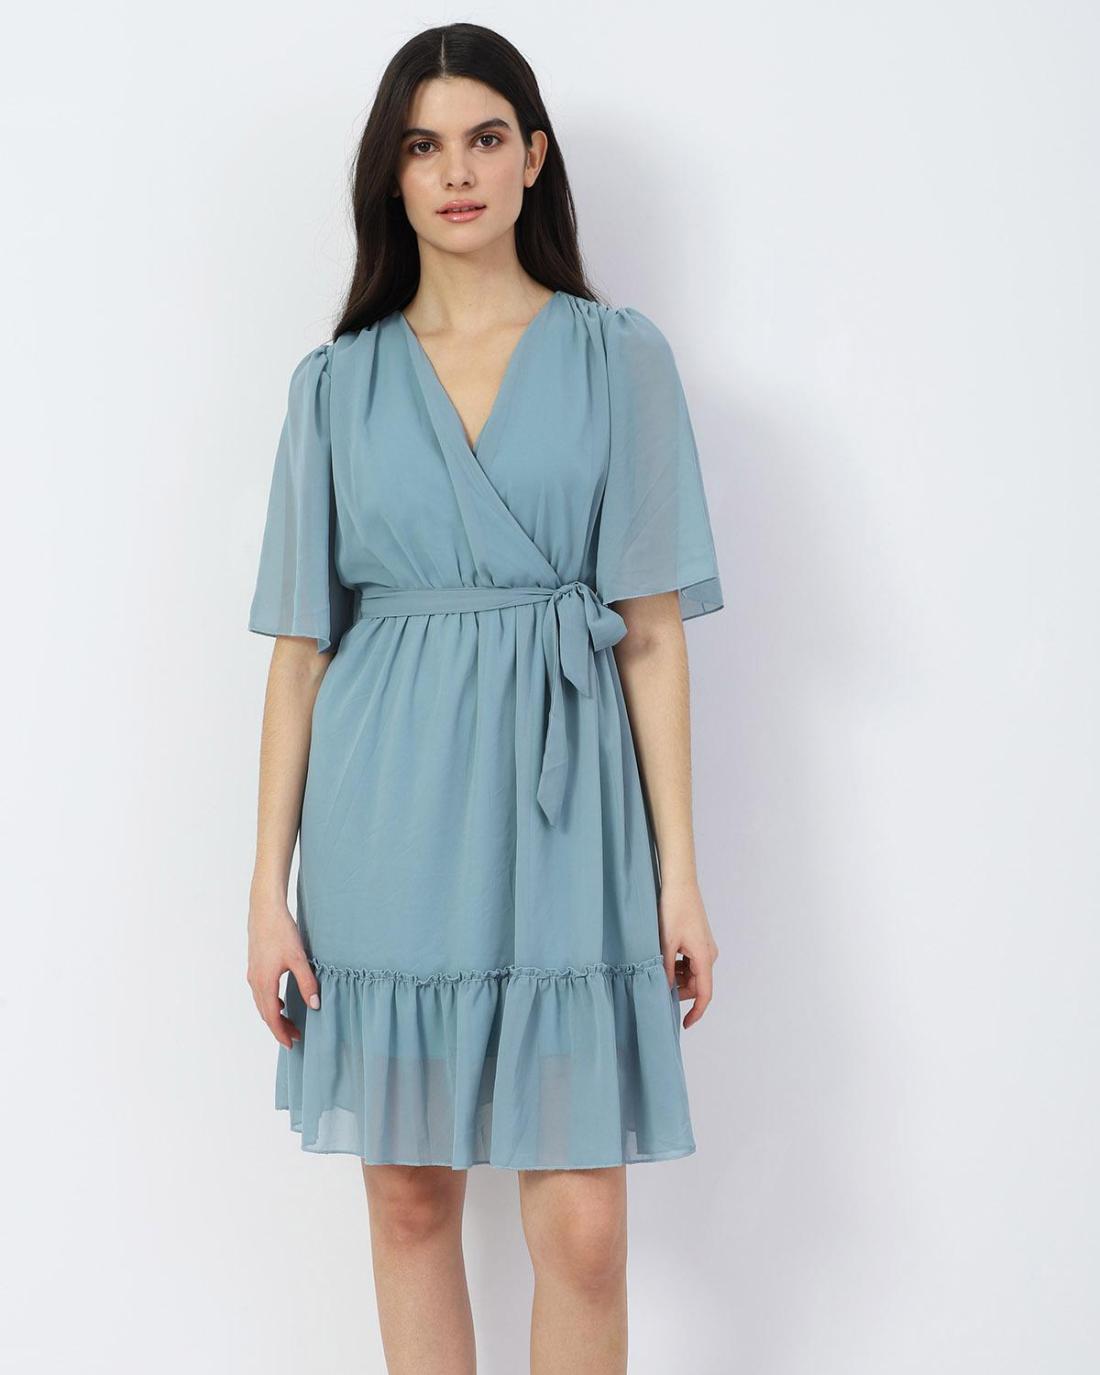 Hellblau mini kleid